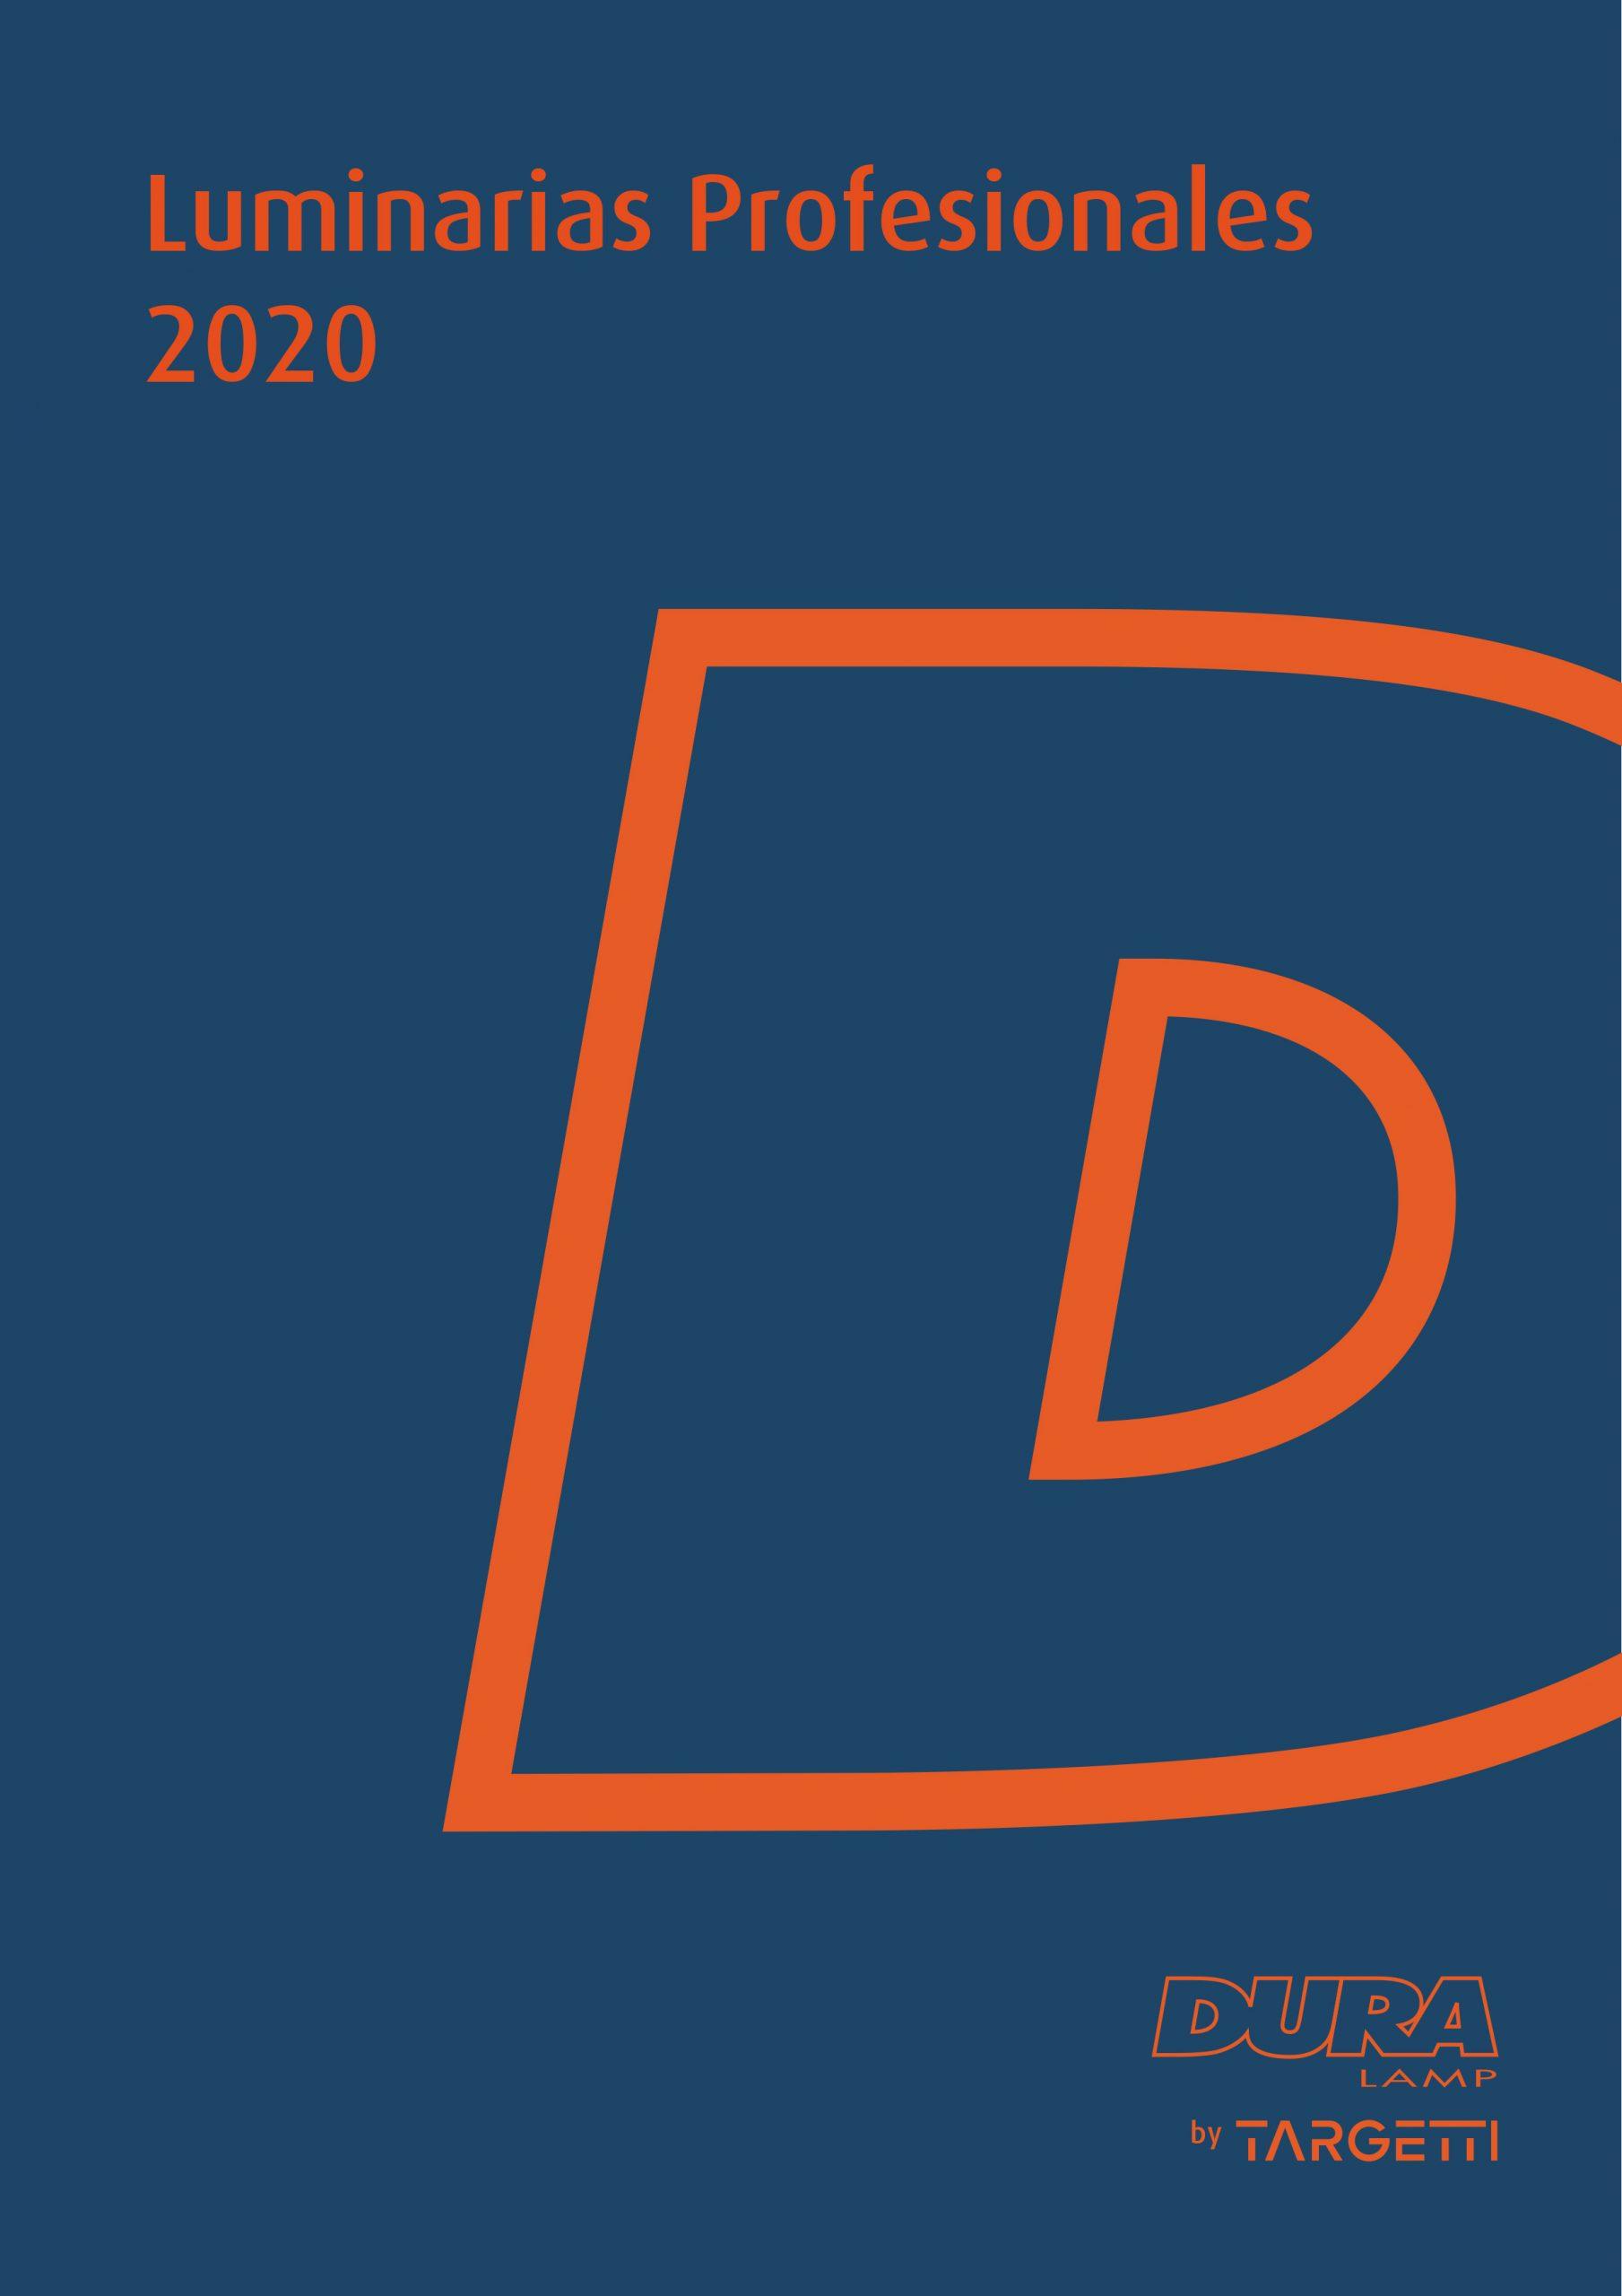 Luminarias Profesionales 2020